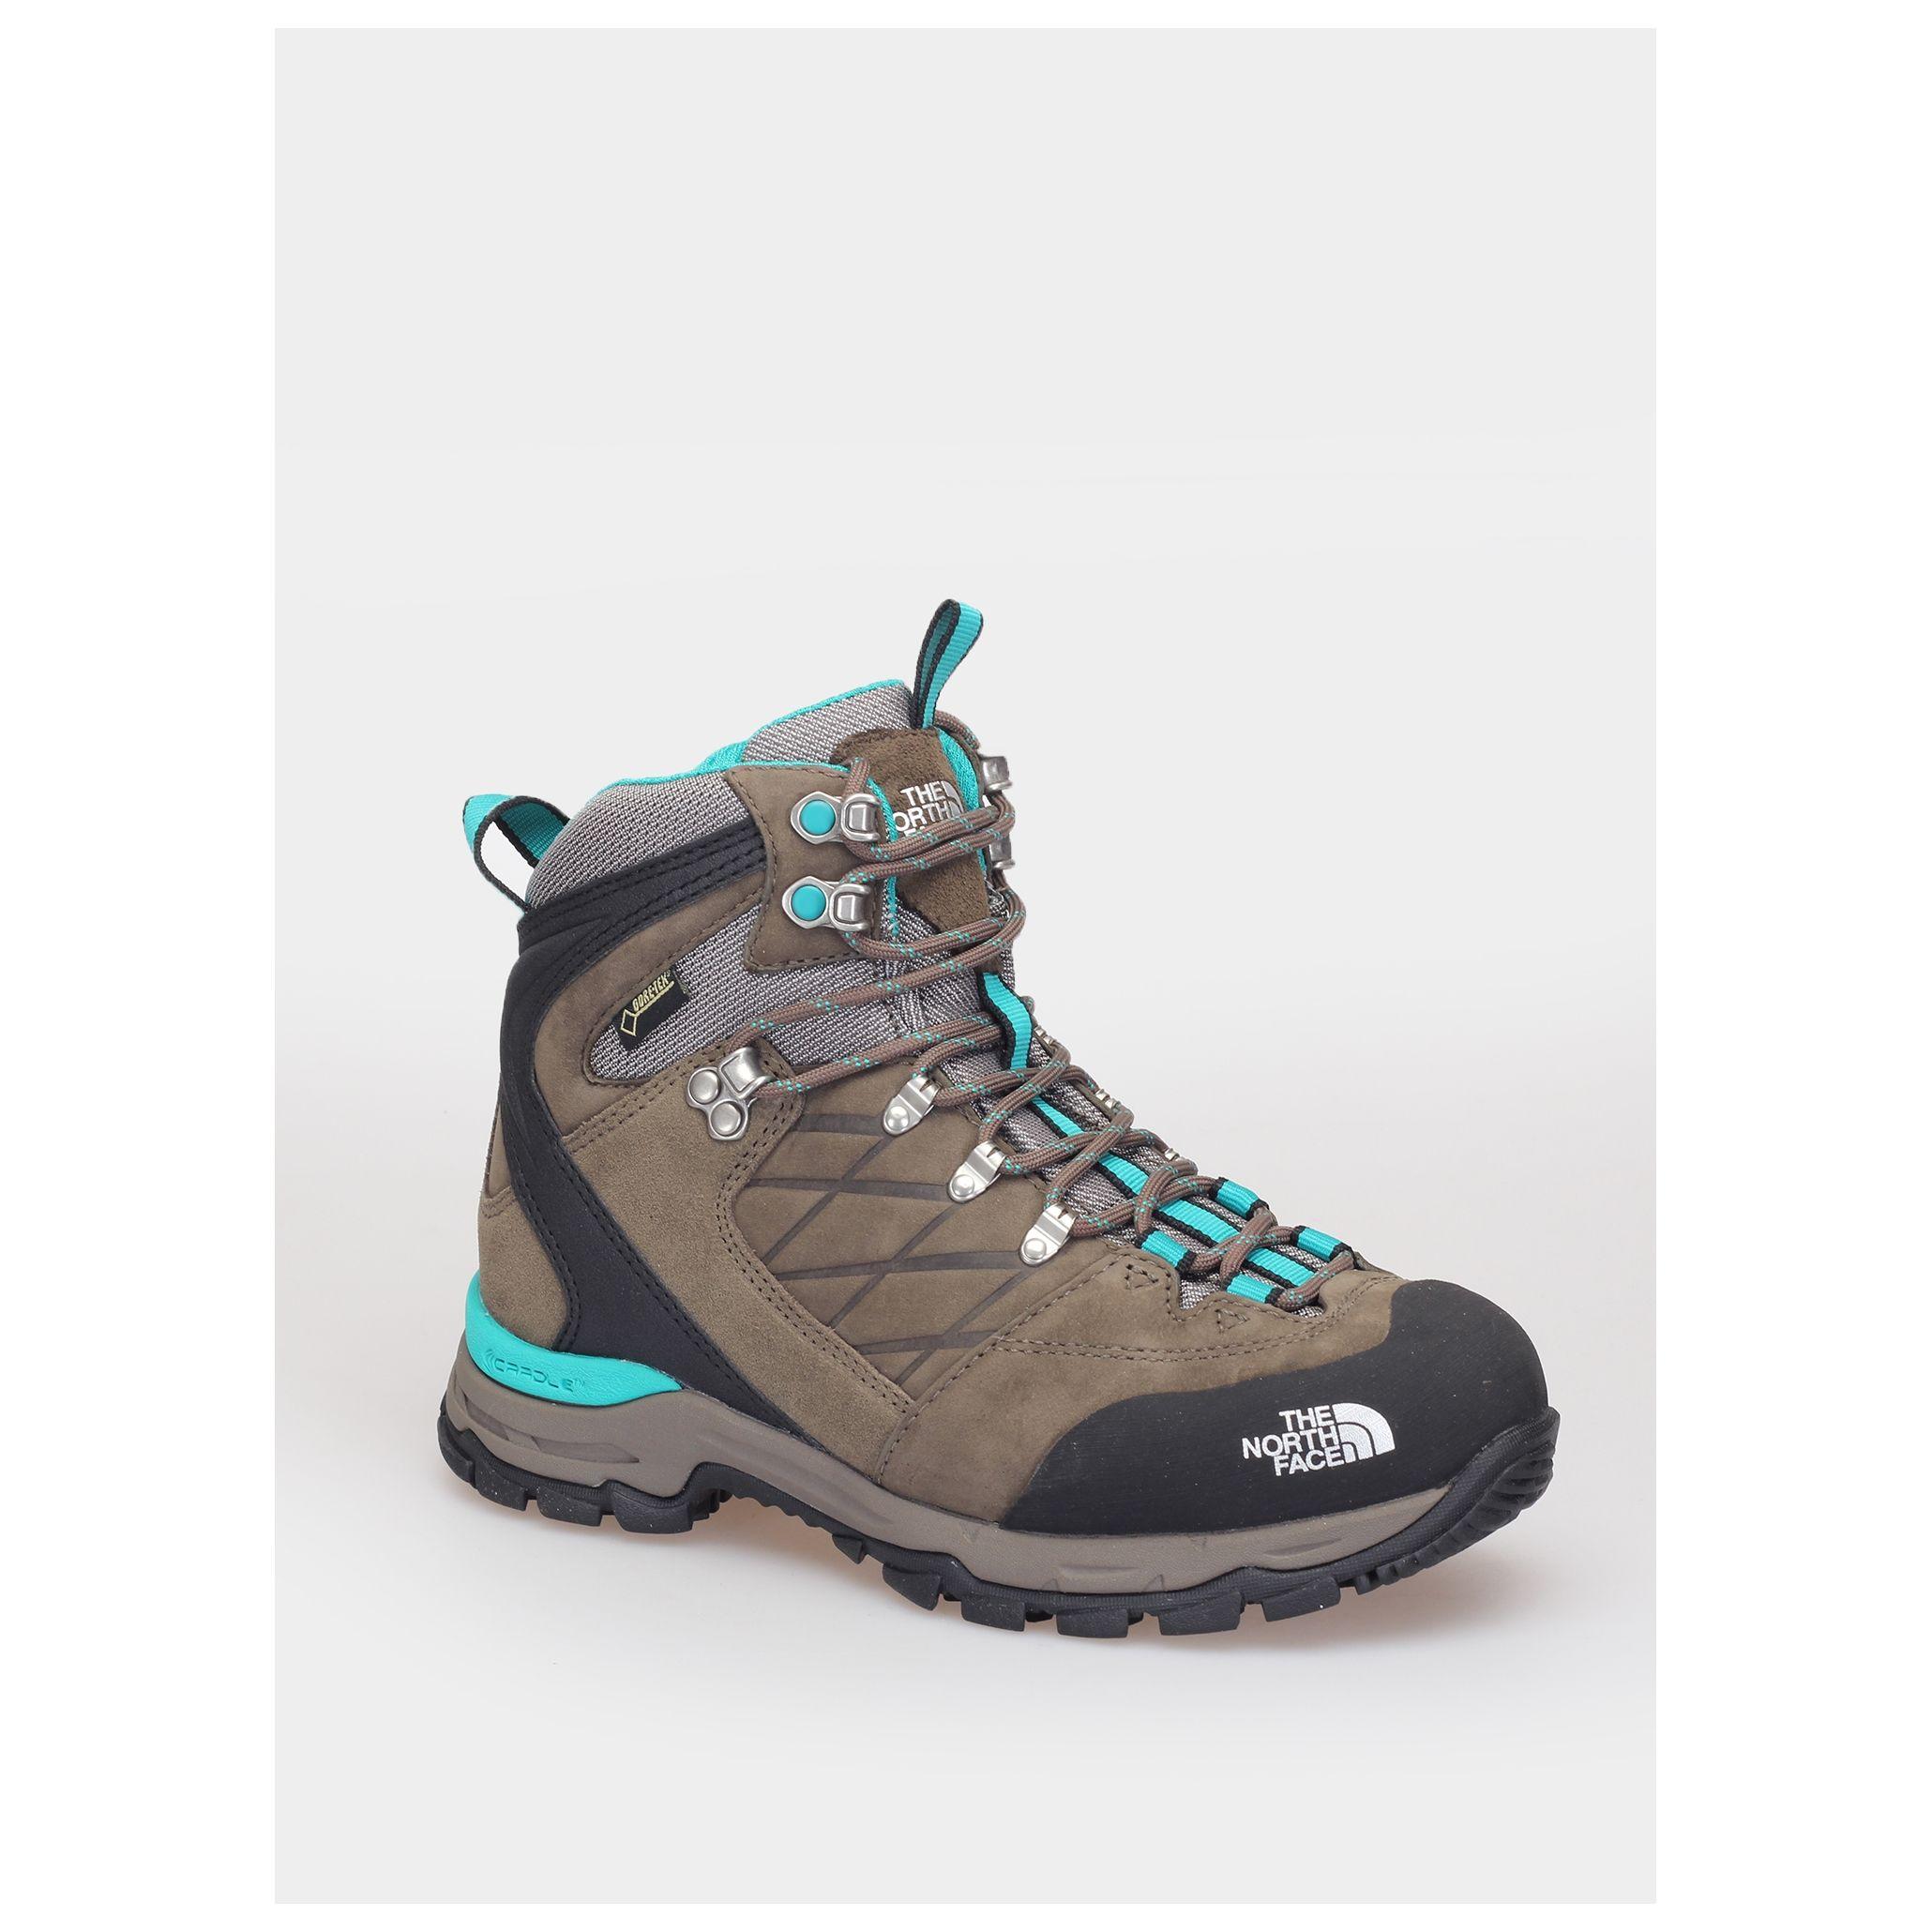 spotykać się najlepszy hurtownik sprzedaż hurtowa Buty trekkingowe The North Face Verbera Hiker II GTX Lady ...